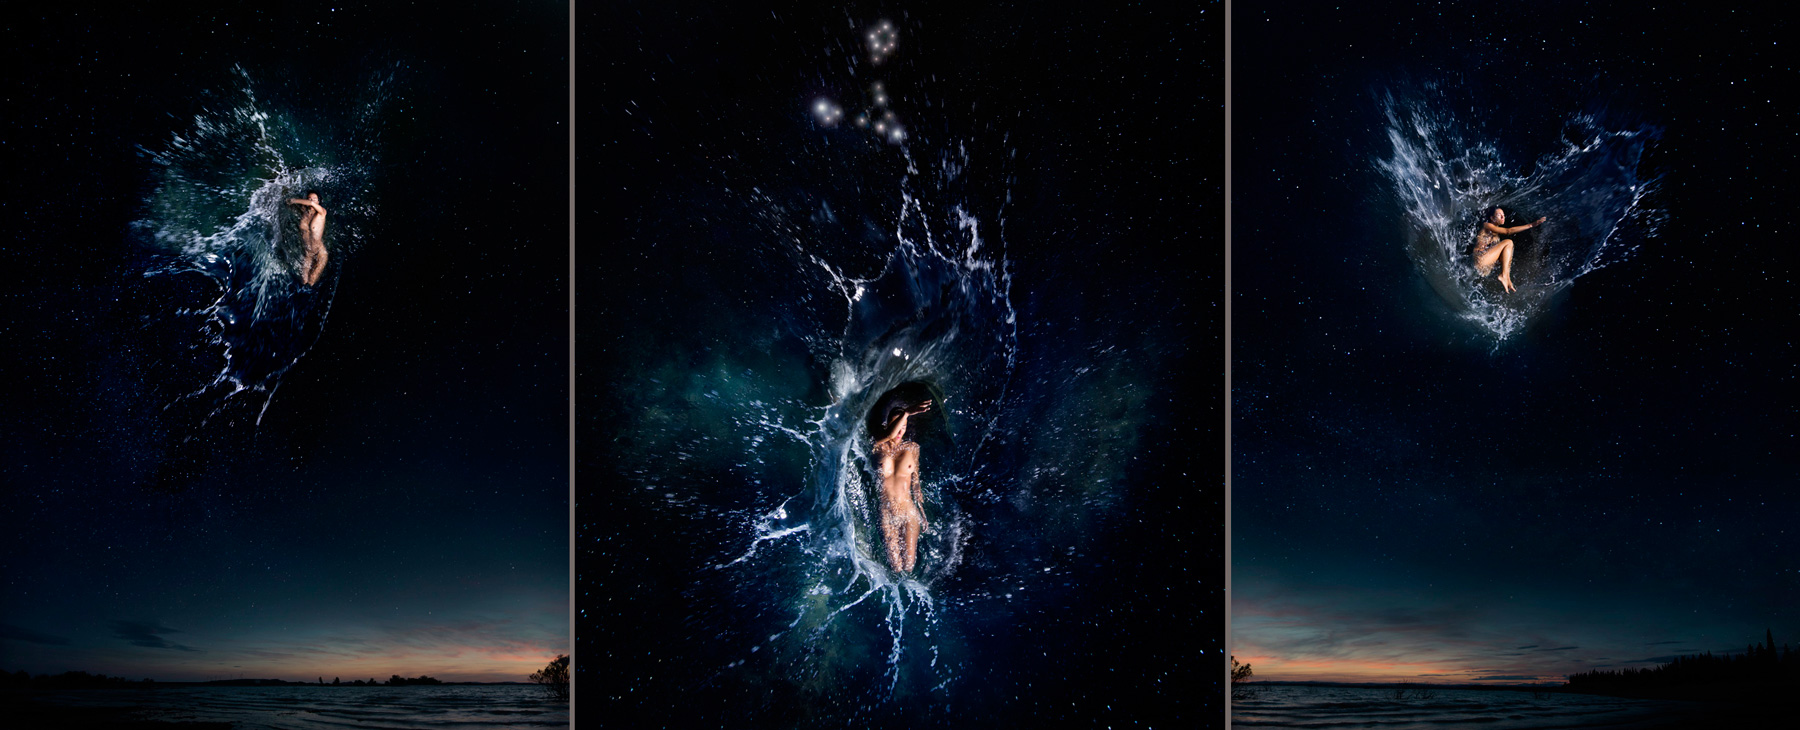 EUFONÍA de la Constelación de PISCIS. Fotografía digital nocturna y acuática. Configuración y retoque digitales